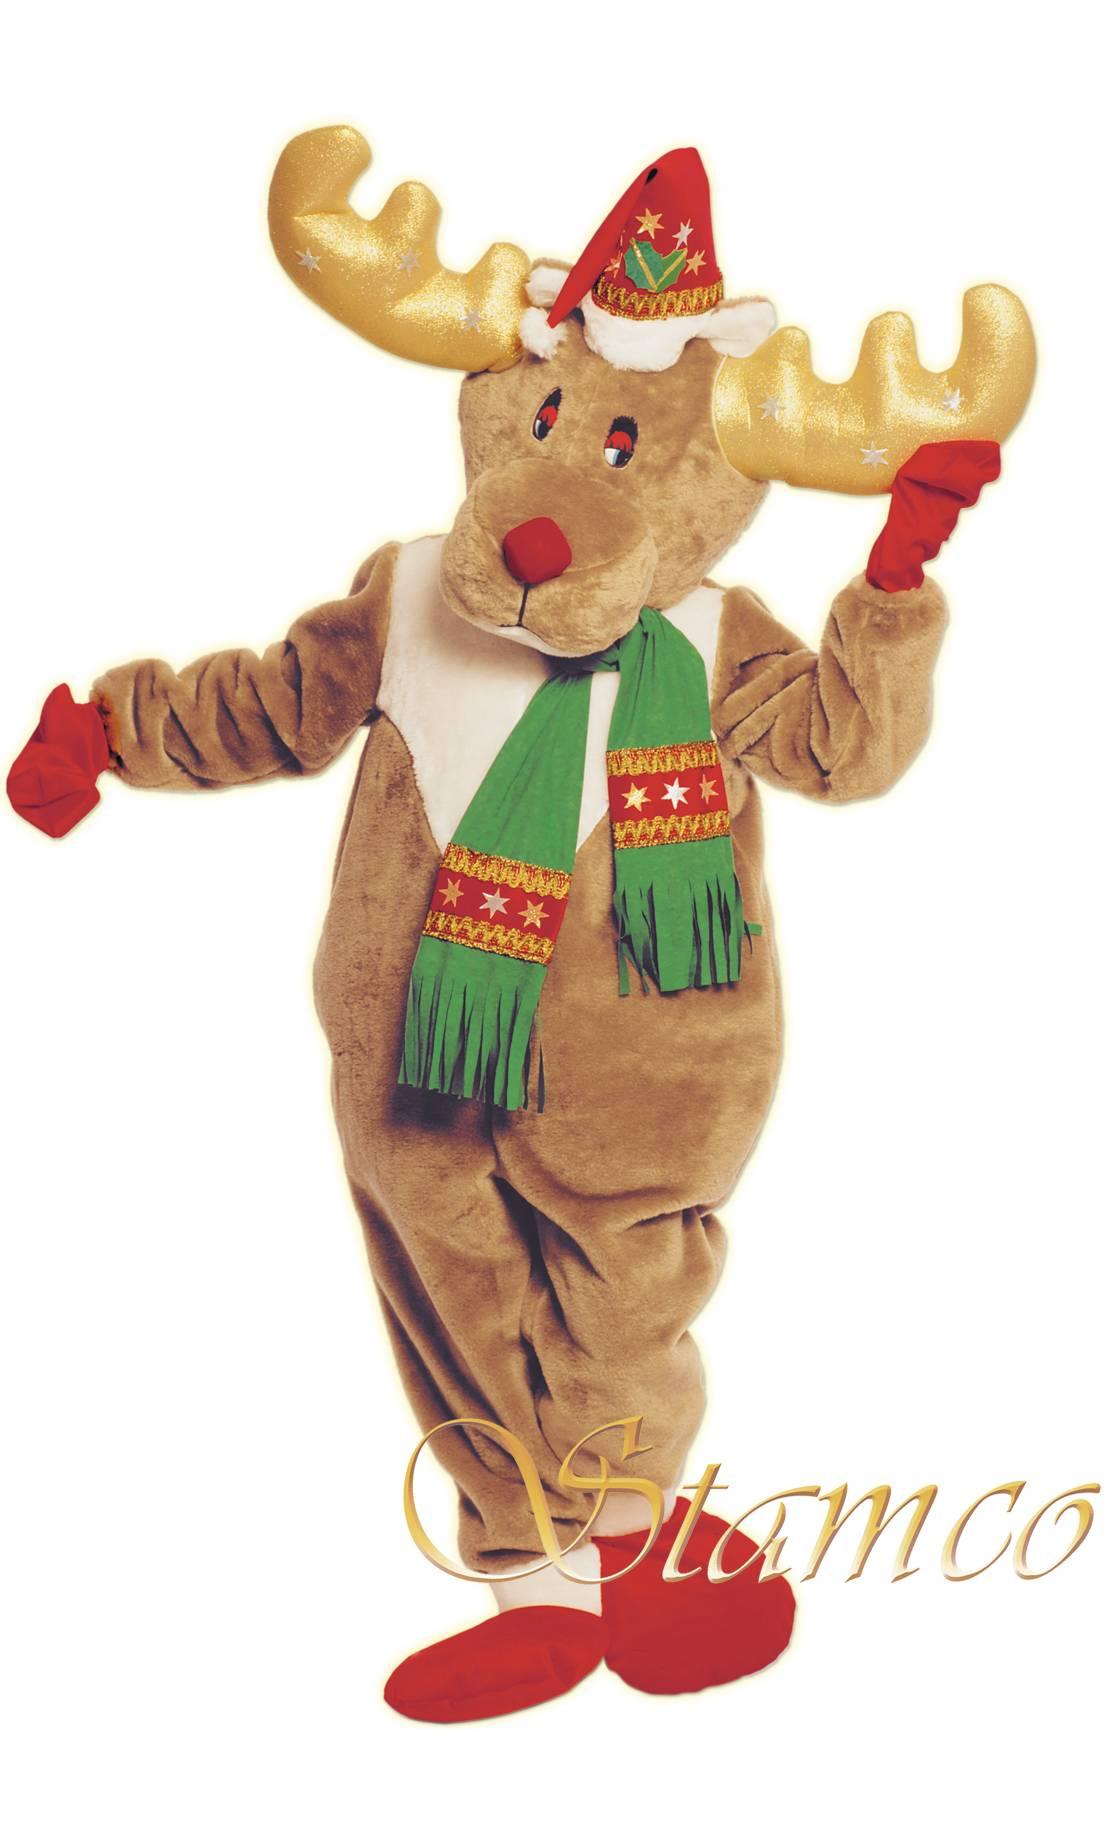 Reindeer-mascot